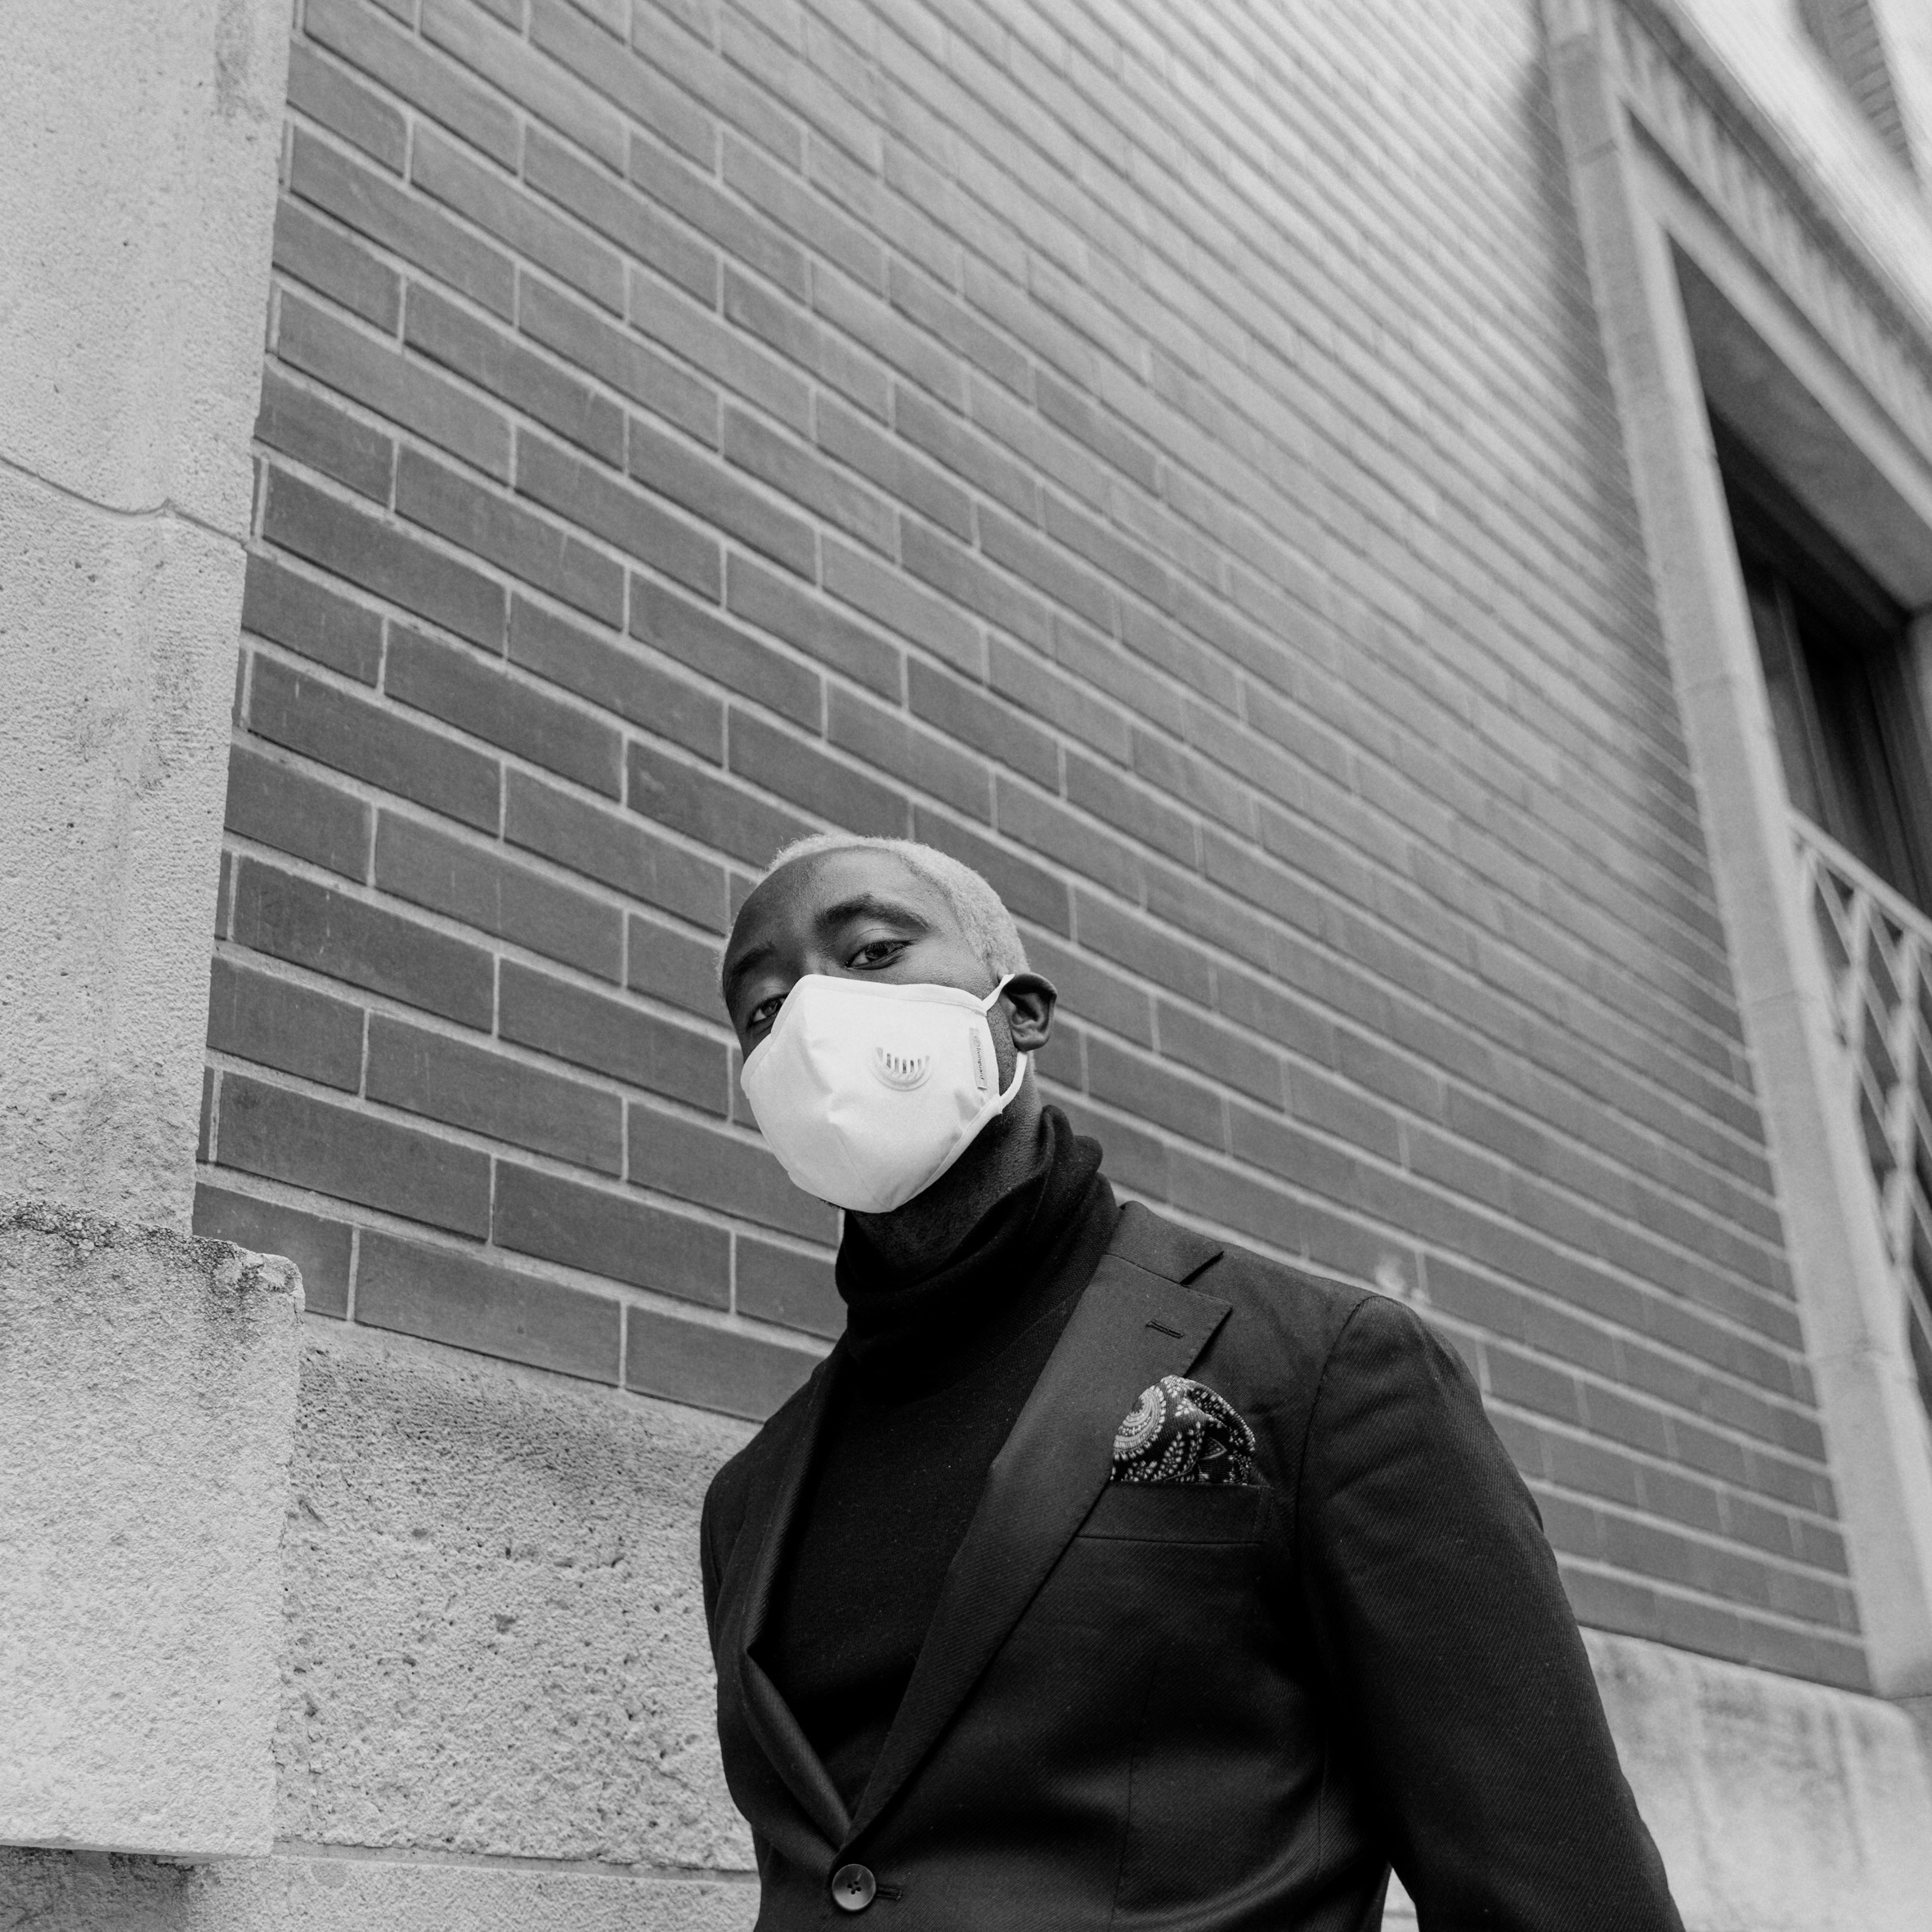 マスクした外国人男性